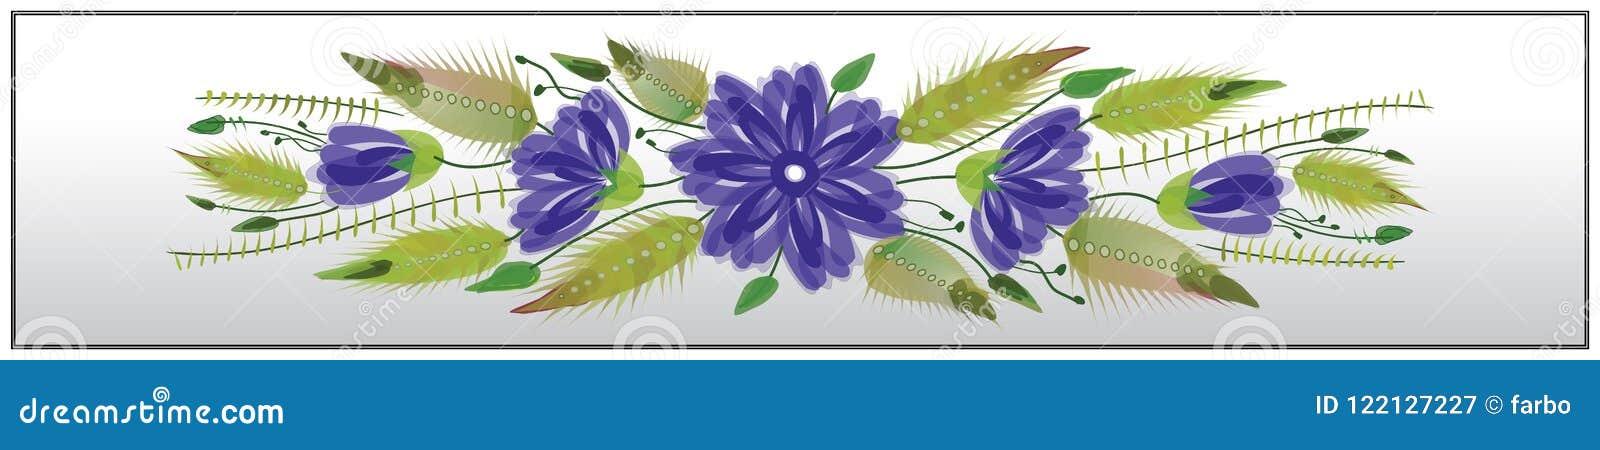 De bloemen sierstijl van referentie volkspetrykivka